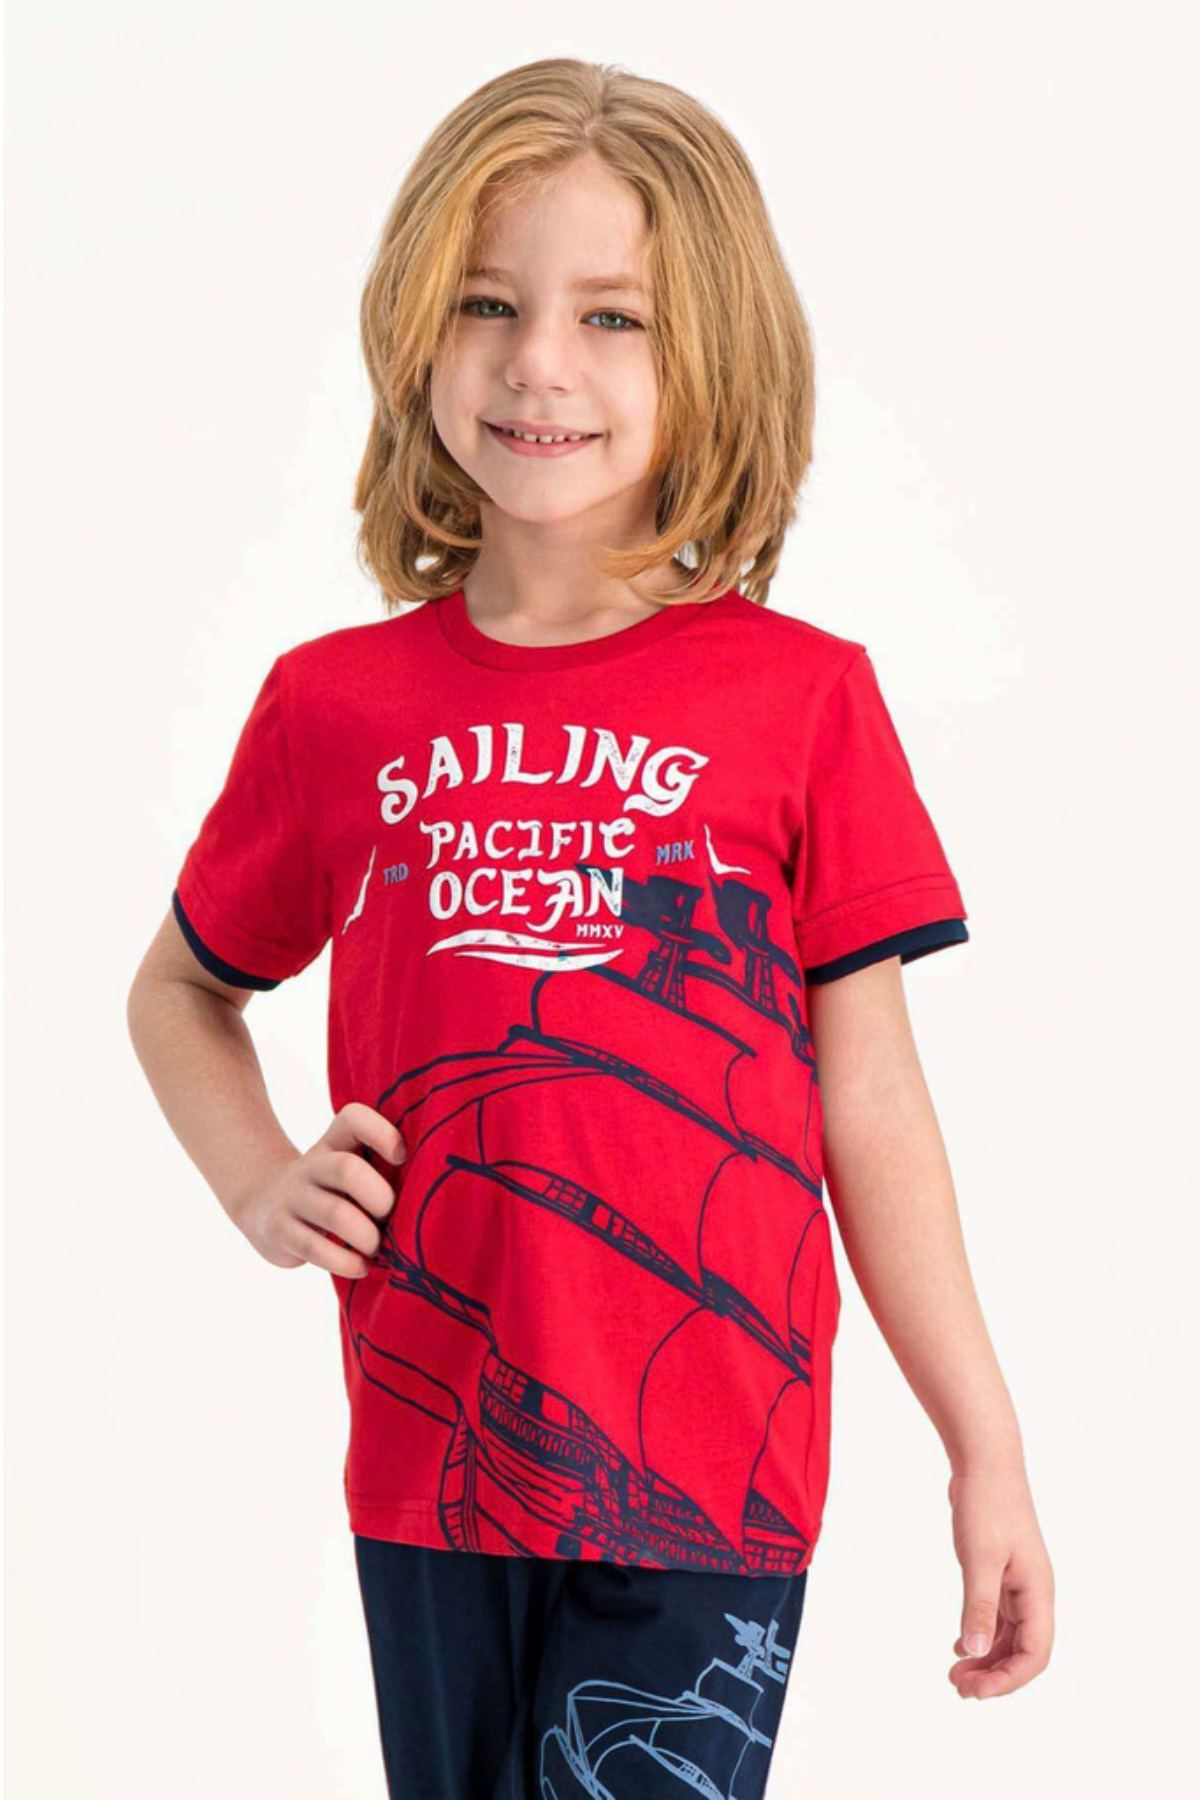 Pacific Ocean Erkek Çocuk Takım